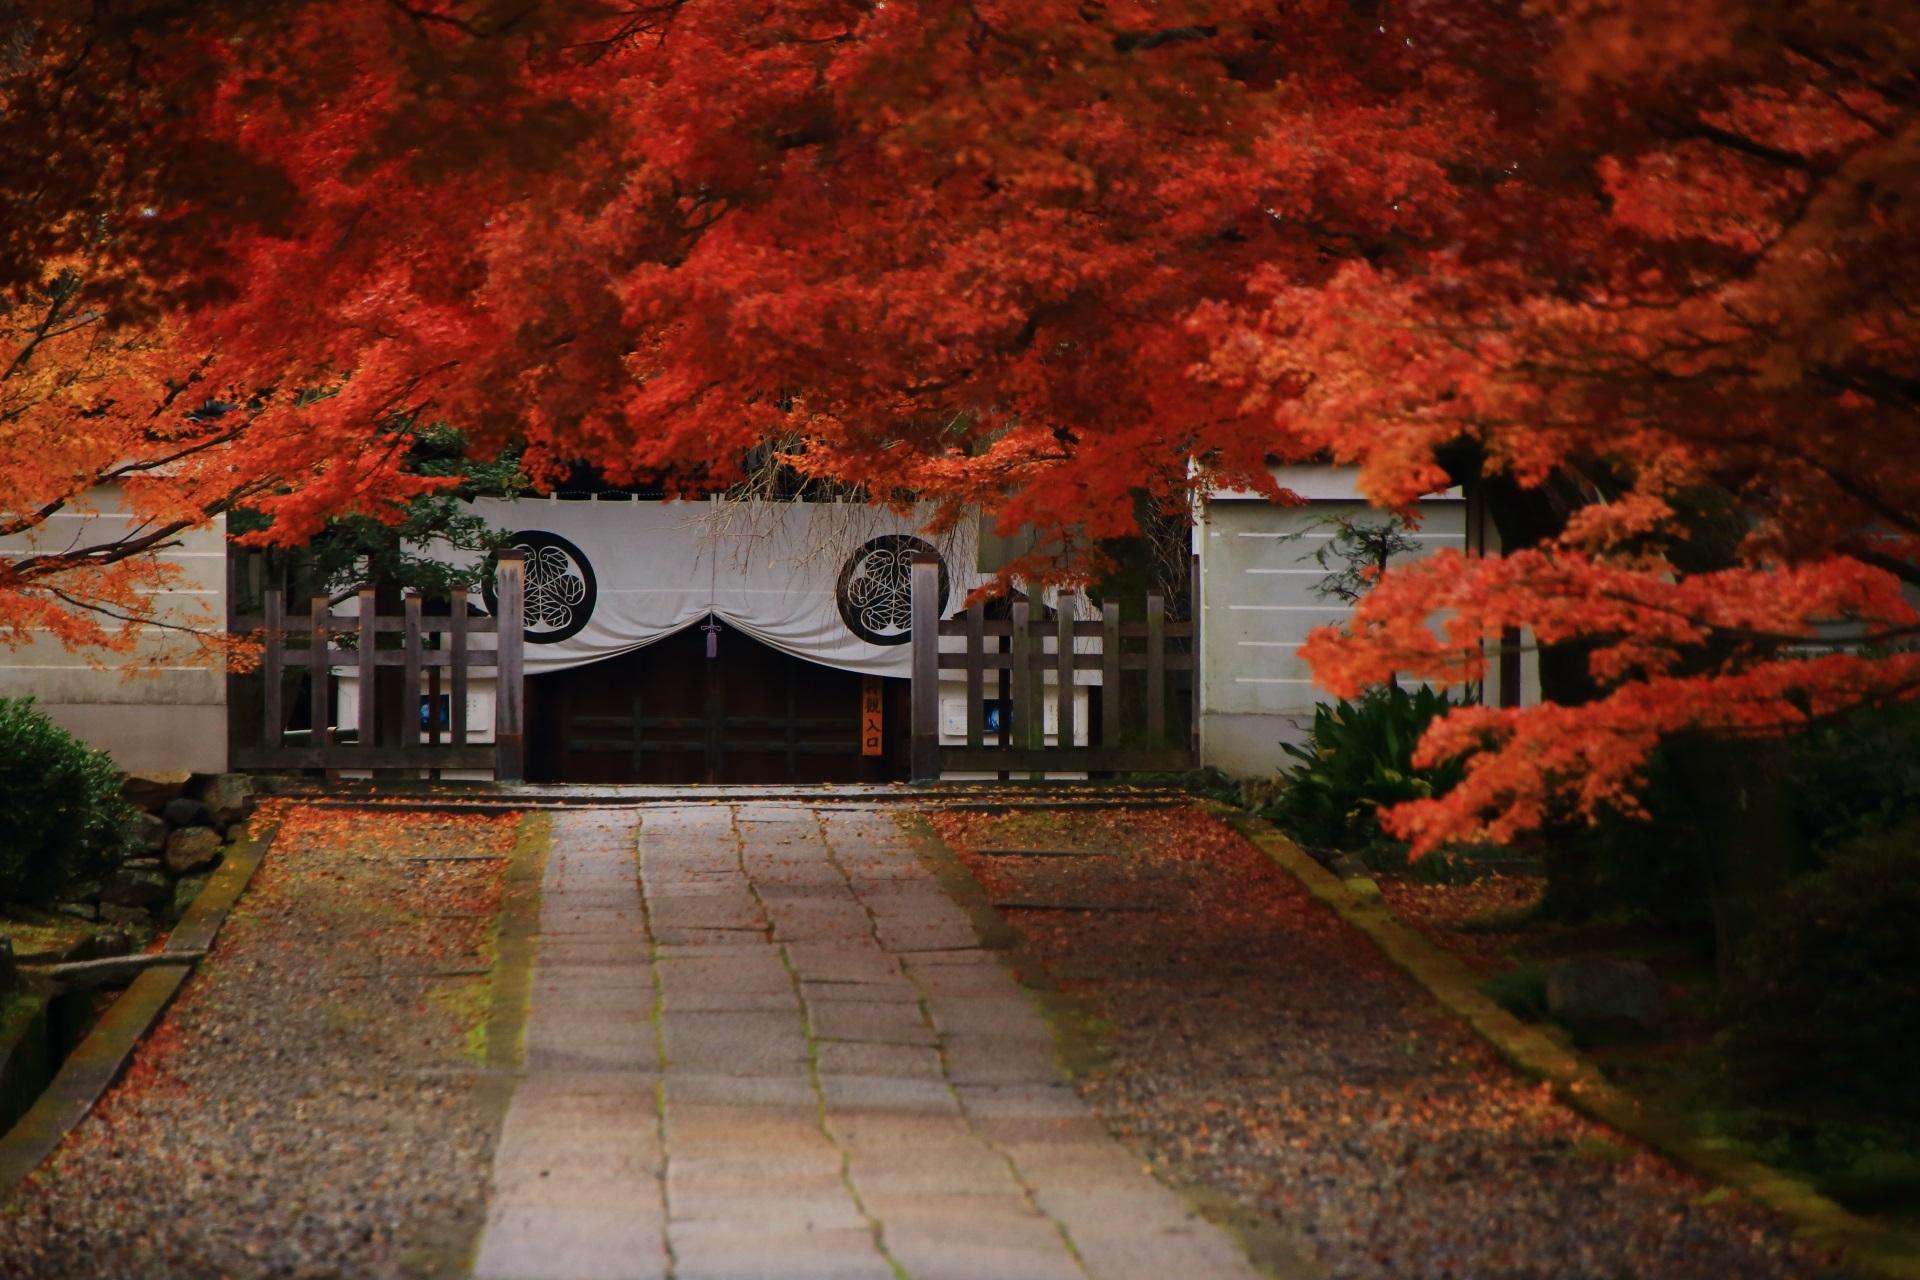 薄っすらと紅葉の影が映る情緒ある石畳の緩やかな参道